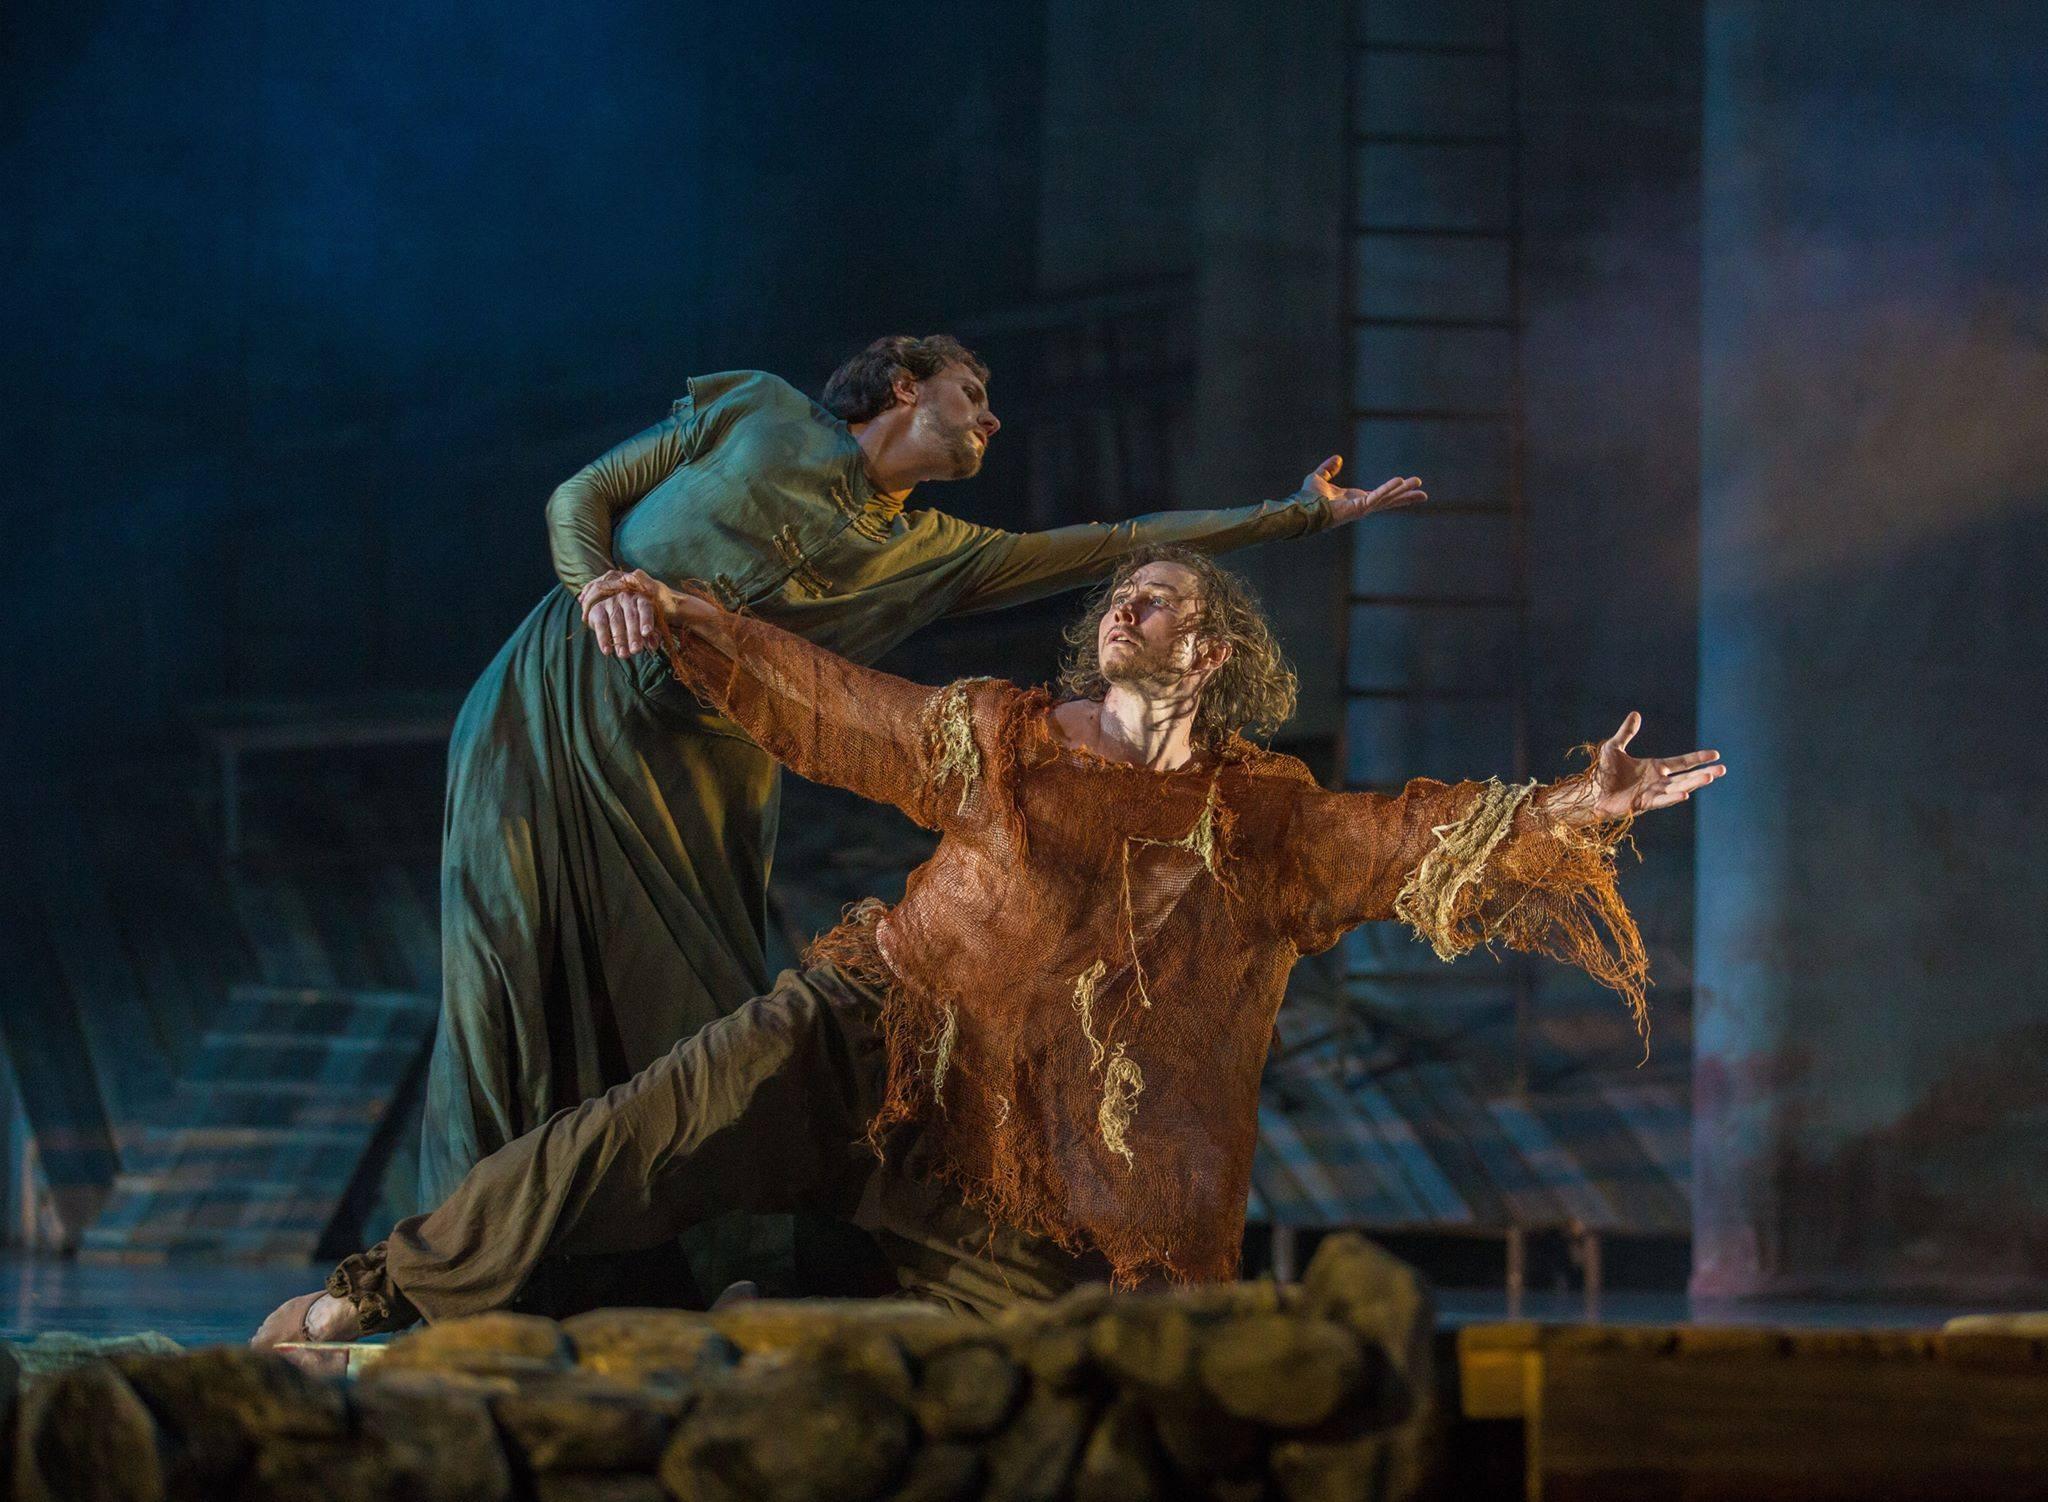 25 апреля авторский балет «Андрей Рублев»  на сцене Астраханского театра Оперы и Балета